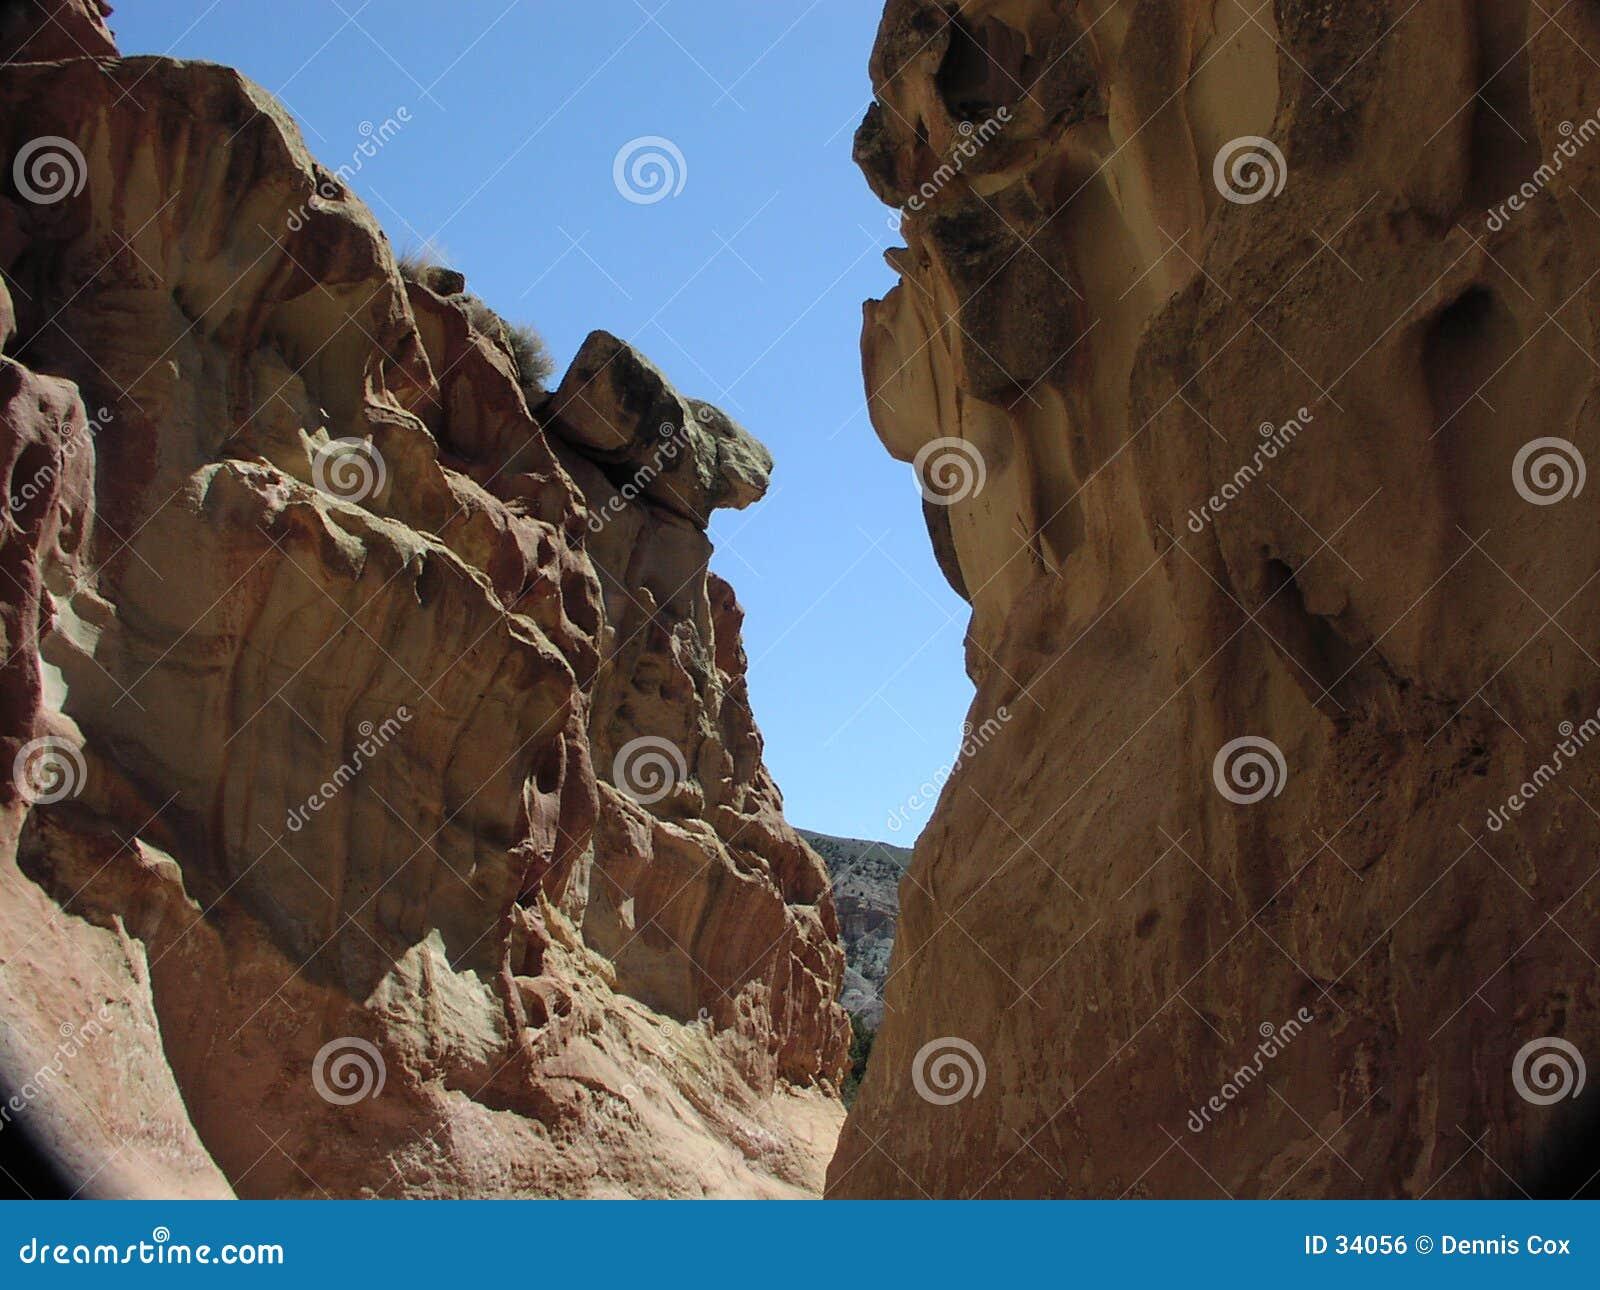 Entre uma rocha e uma outra rocha